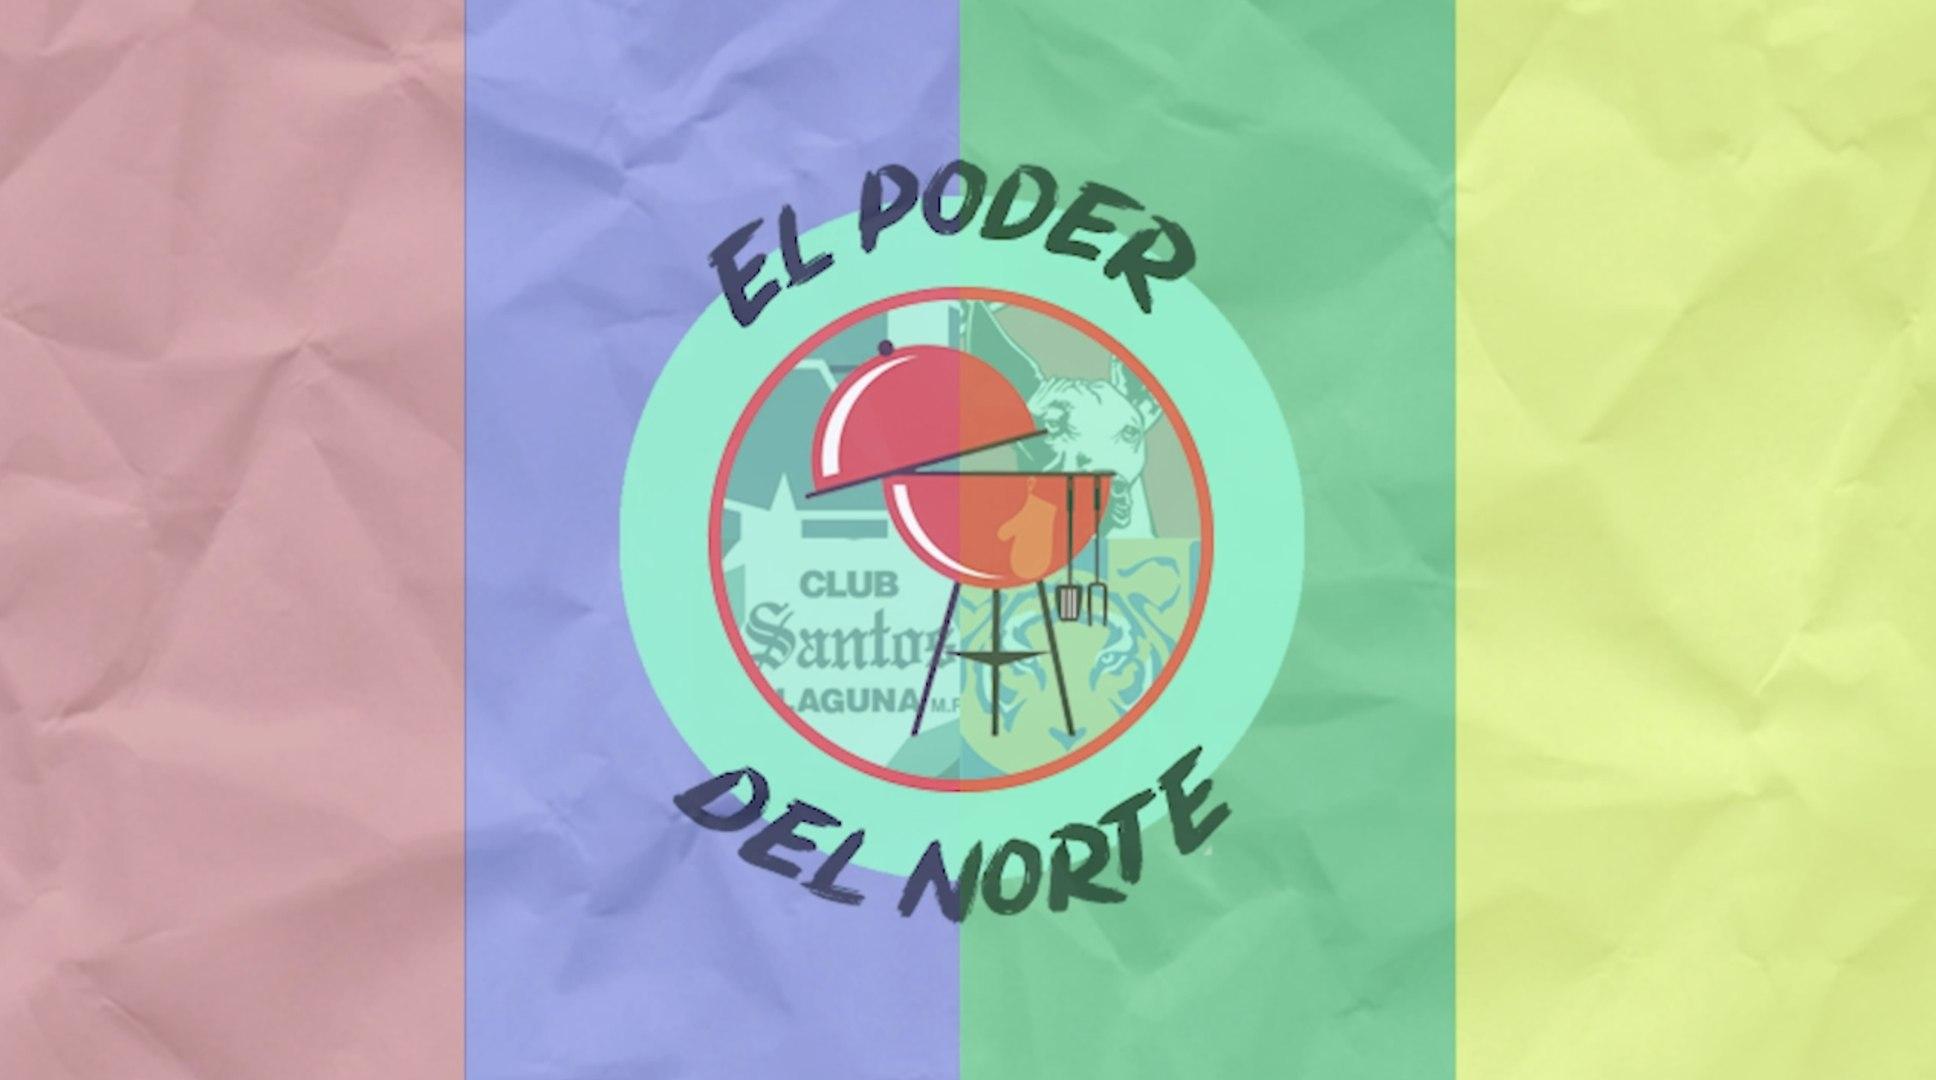 Liga MX: El Poder del Norte, Jornada 11